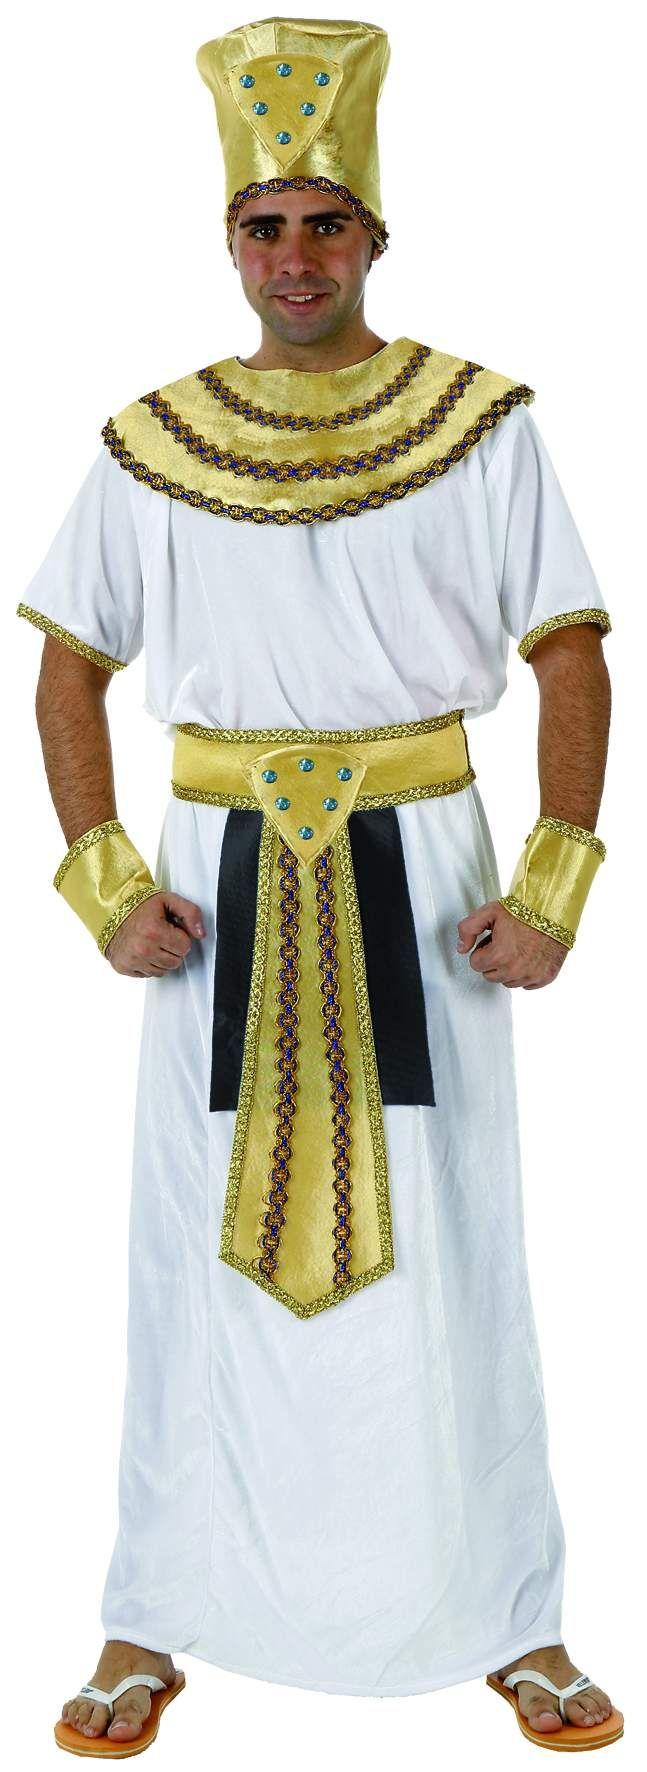 Disfraz de rey egipcio para hombre: Este disfraz de rey egipcio para hombre se compone de un sombrero, un cuello, un vestido, un cinturón y dos muñequeras. Es un traje perfecto para convertirte en faraón en...